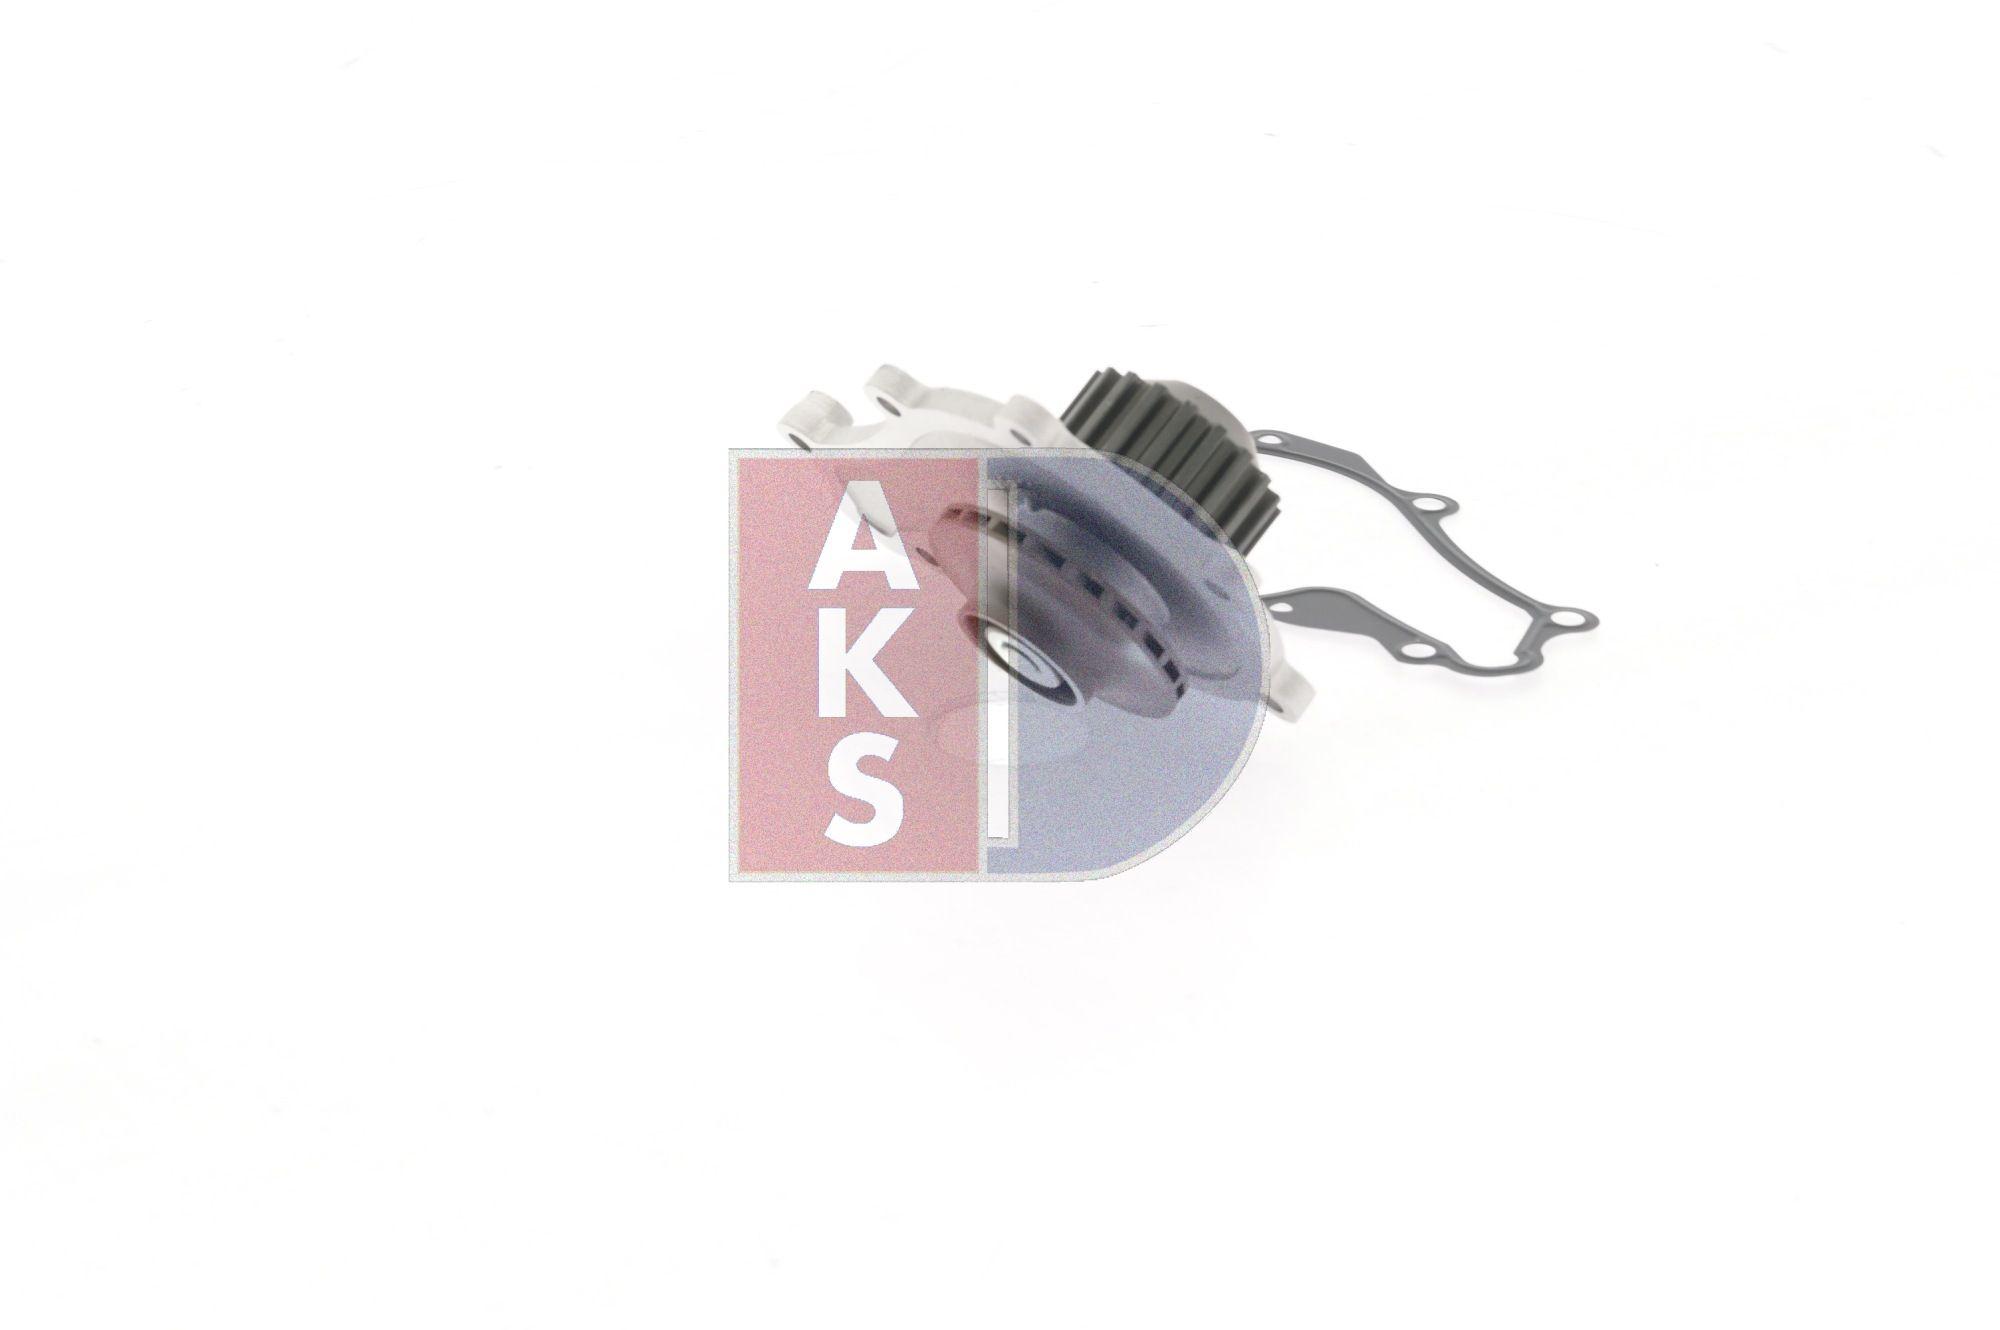 570127N Wasserpumpe AKS DASIS Erfahrung